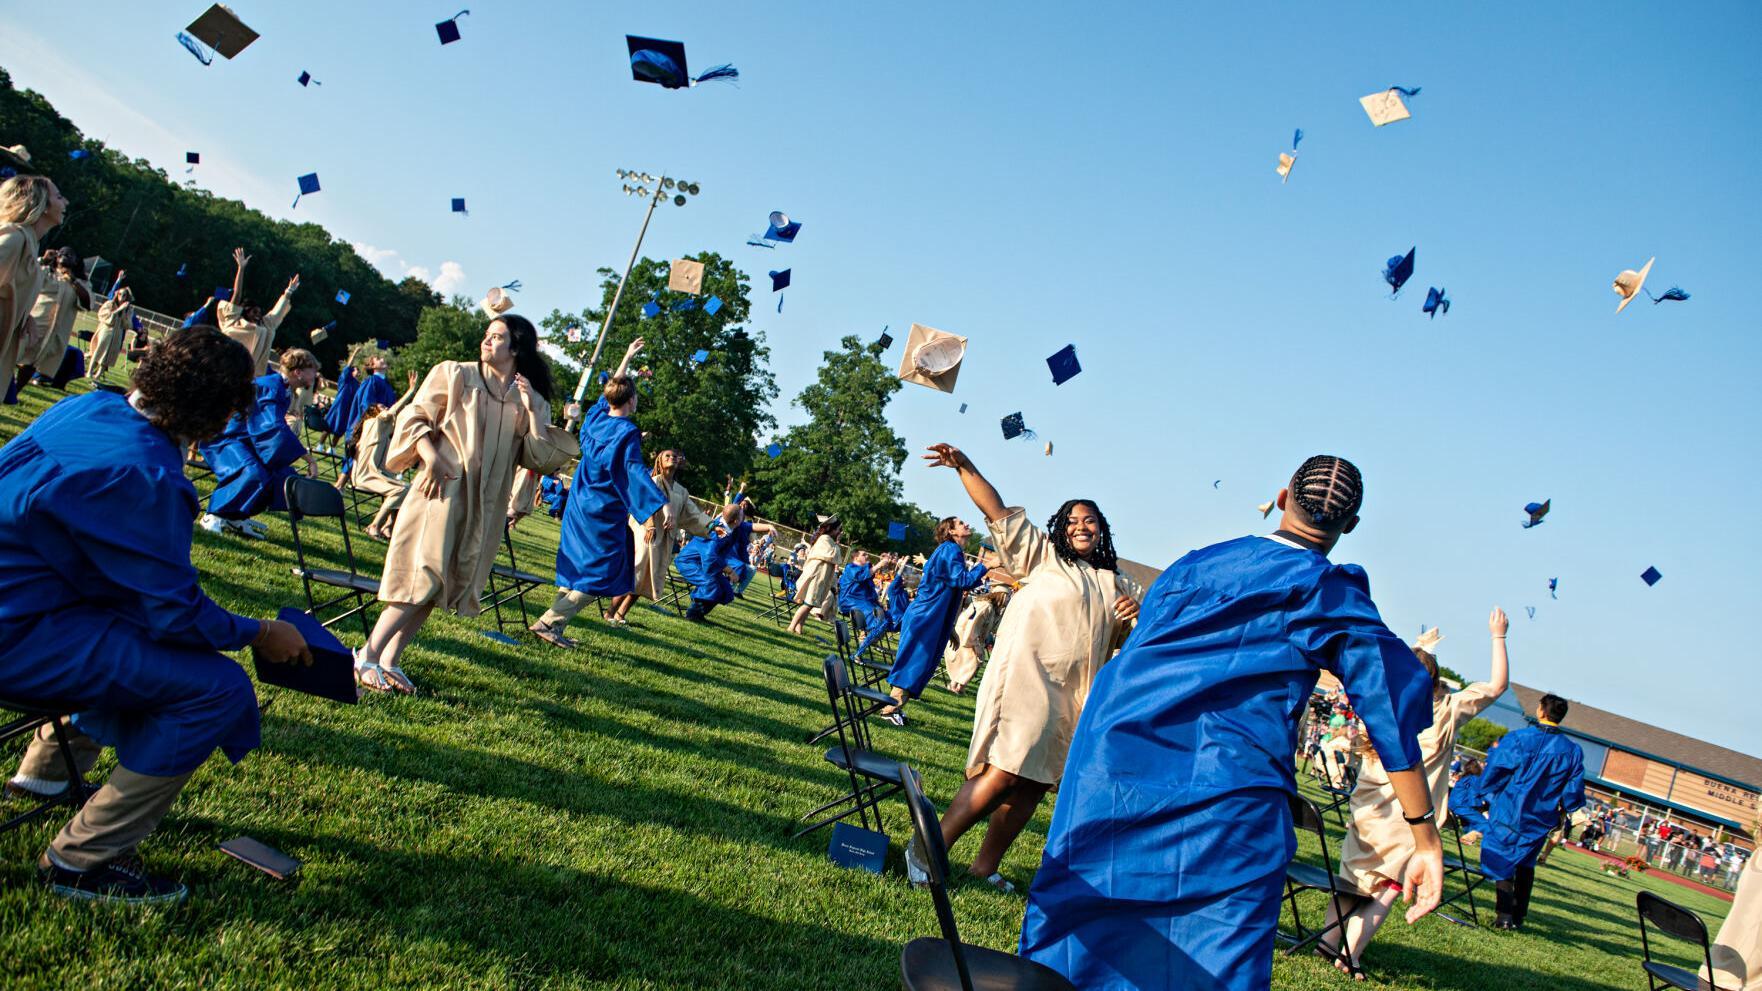 GALLERY: Buena Regional High School graduation